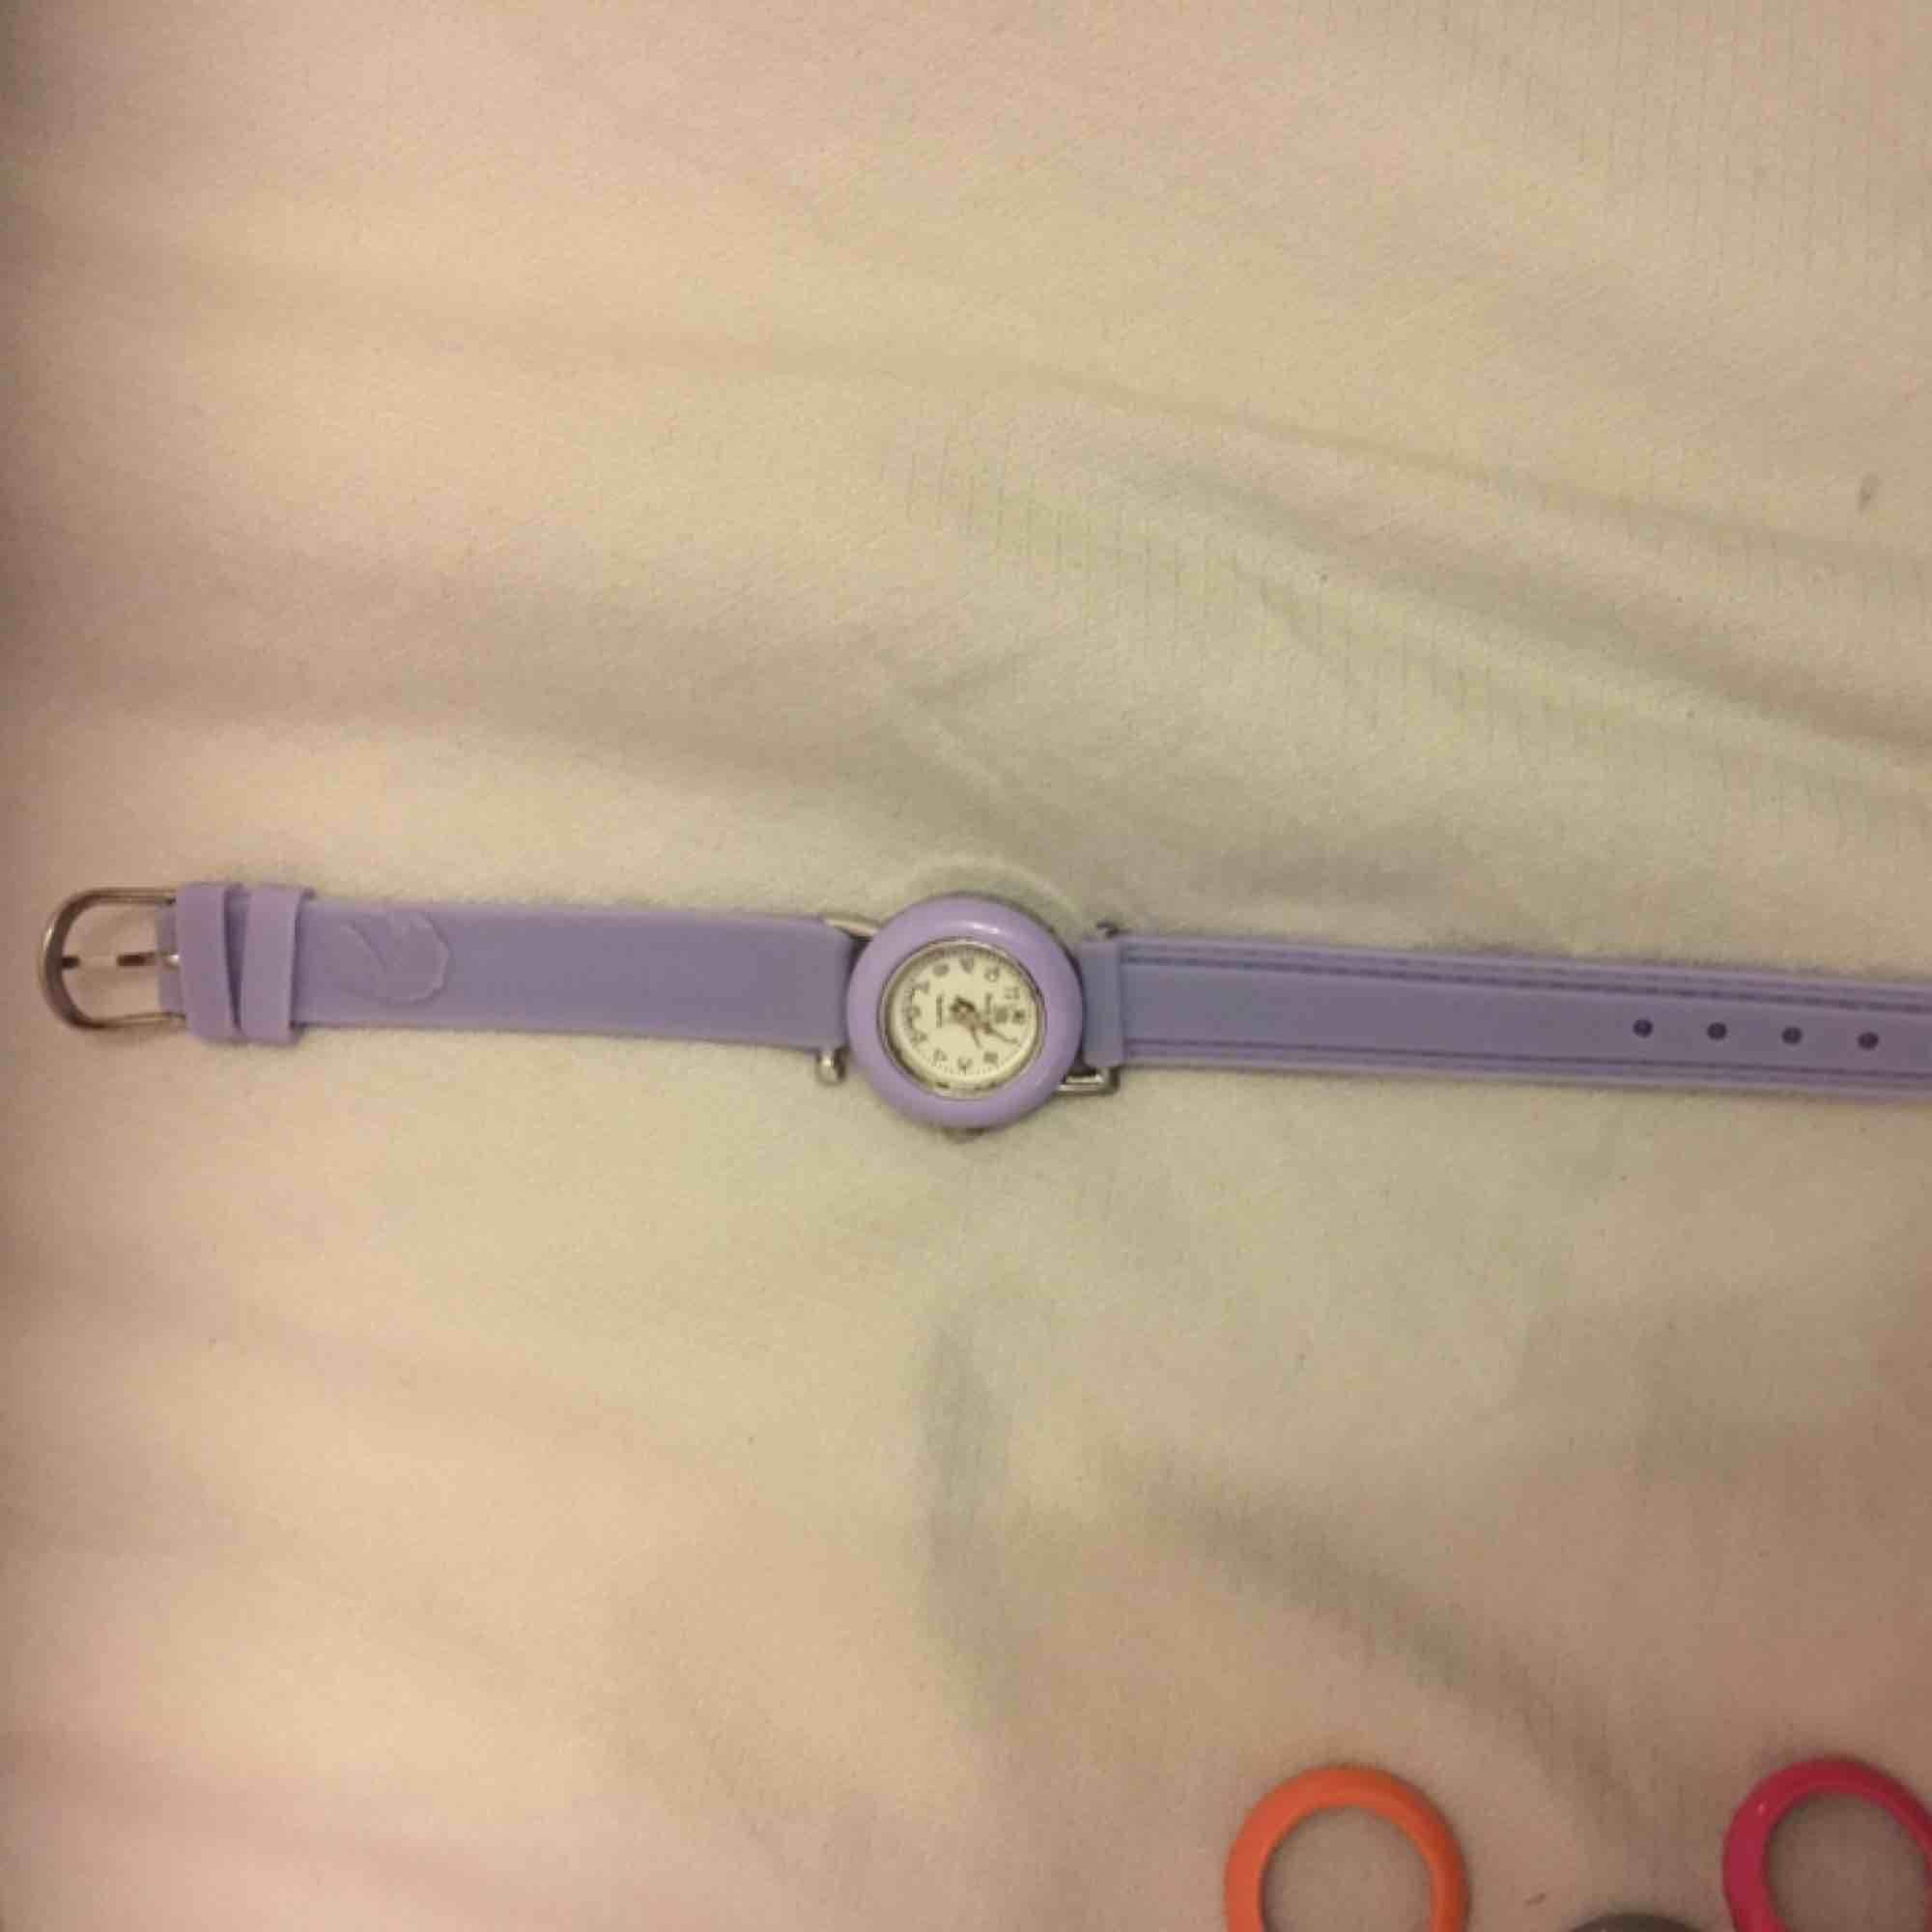 Klockor som jag aldrig använt man kan göra olika klockor priset kan duskuteras. Accessoarer.